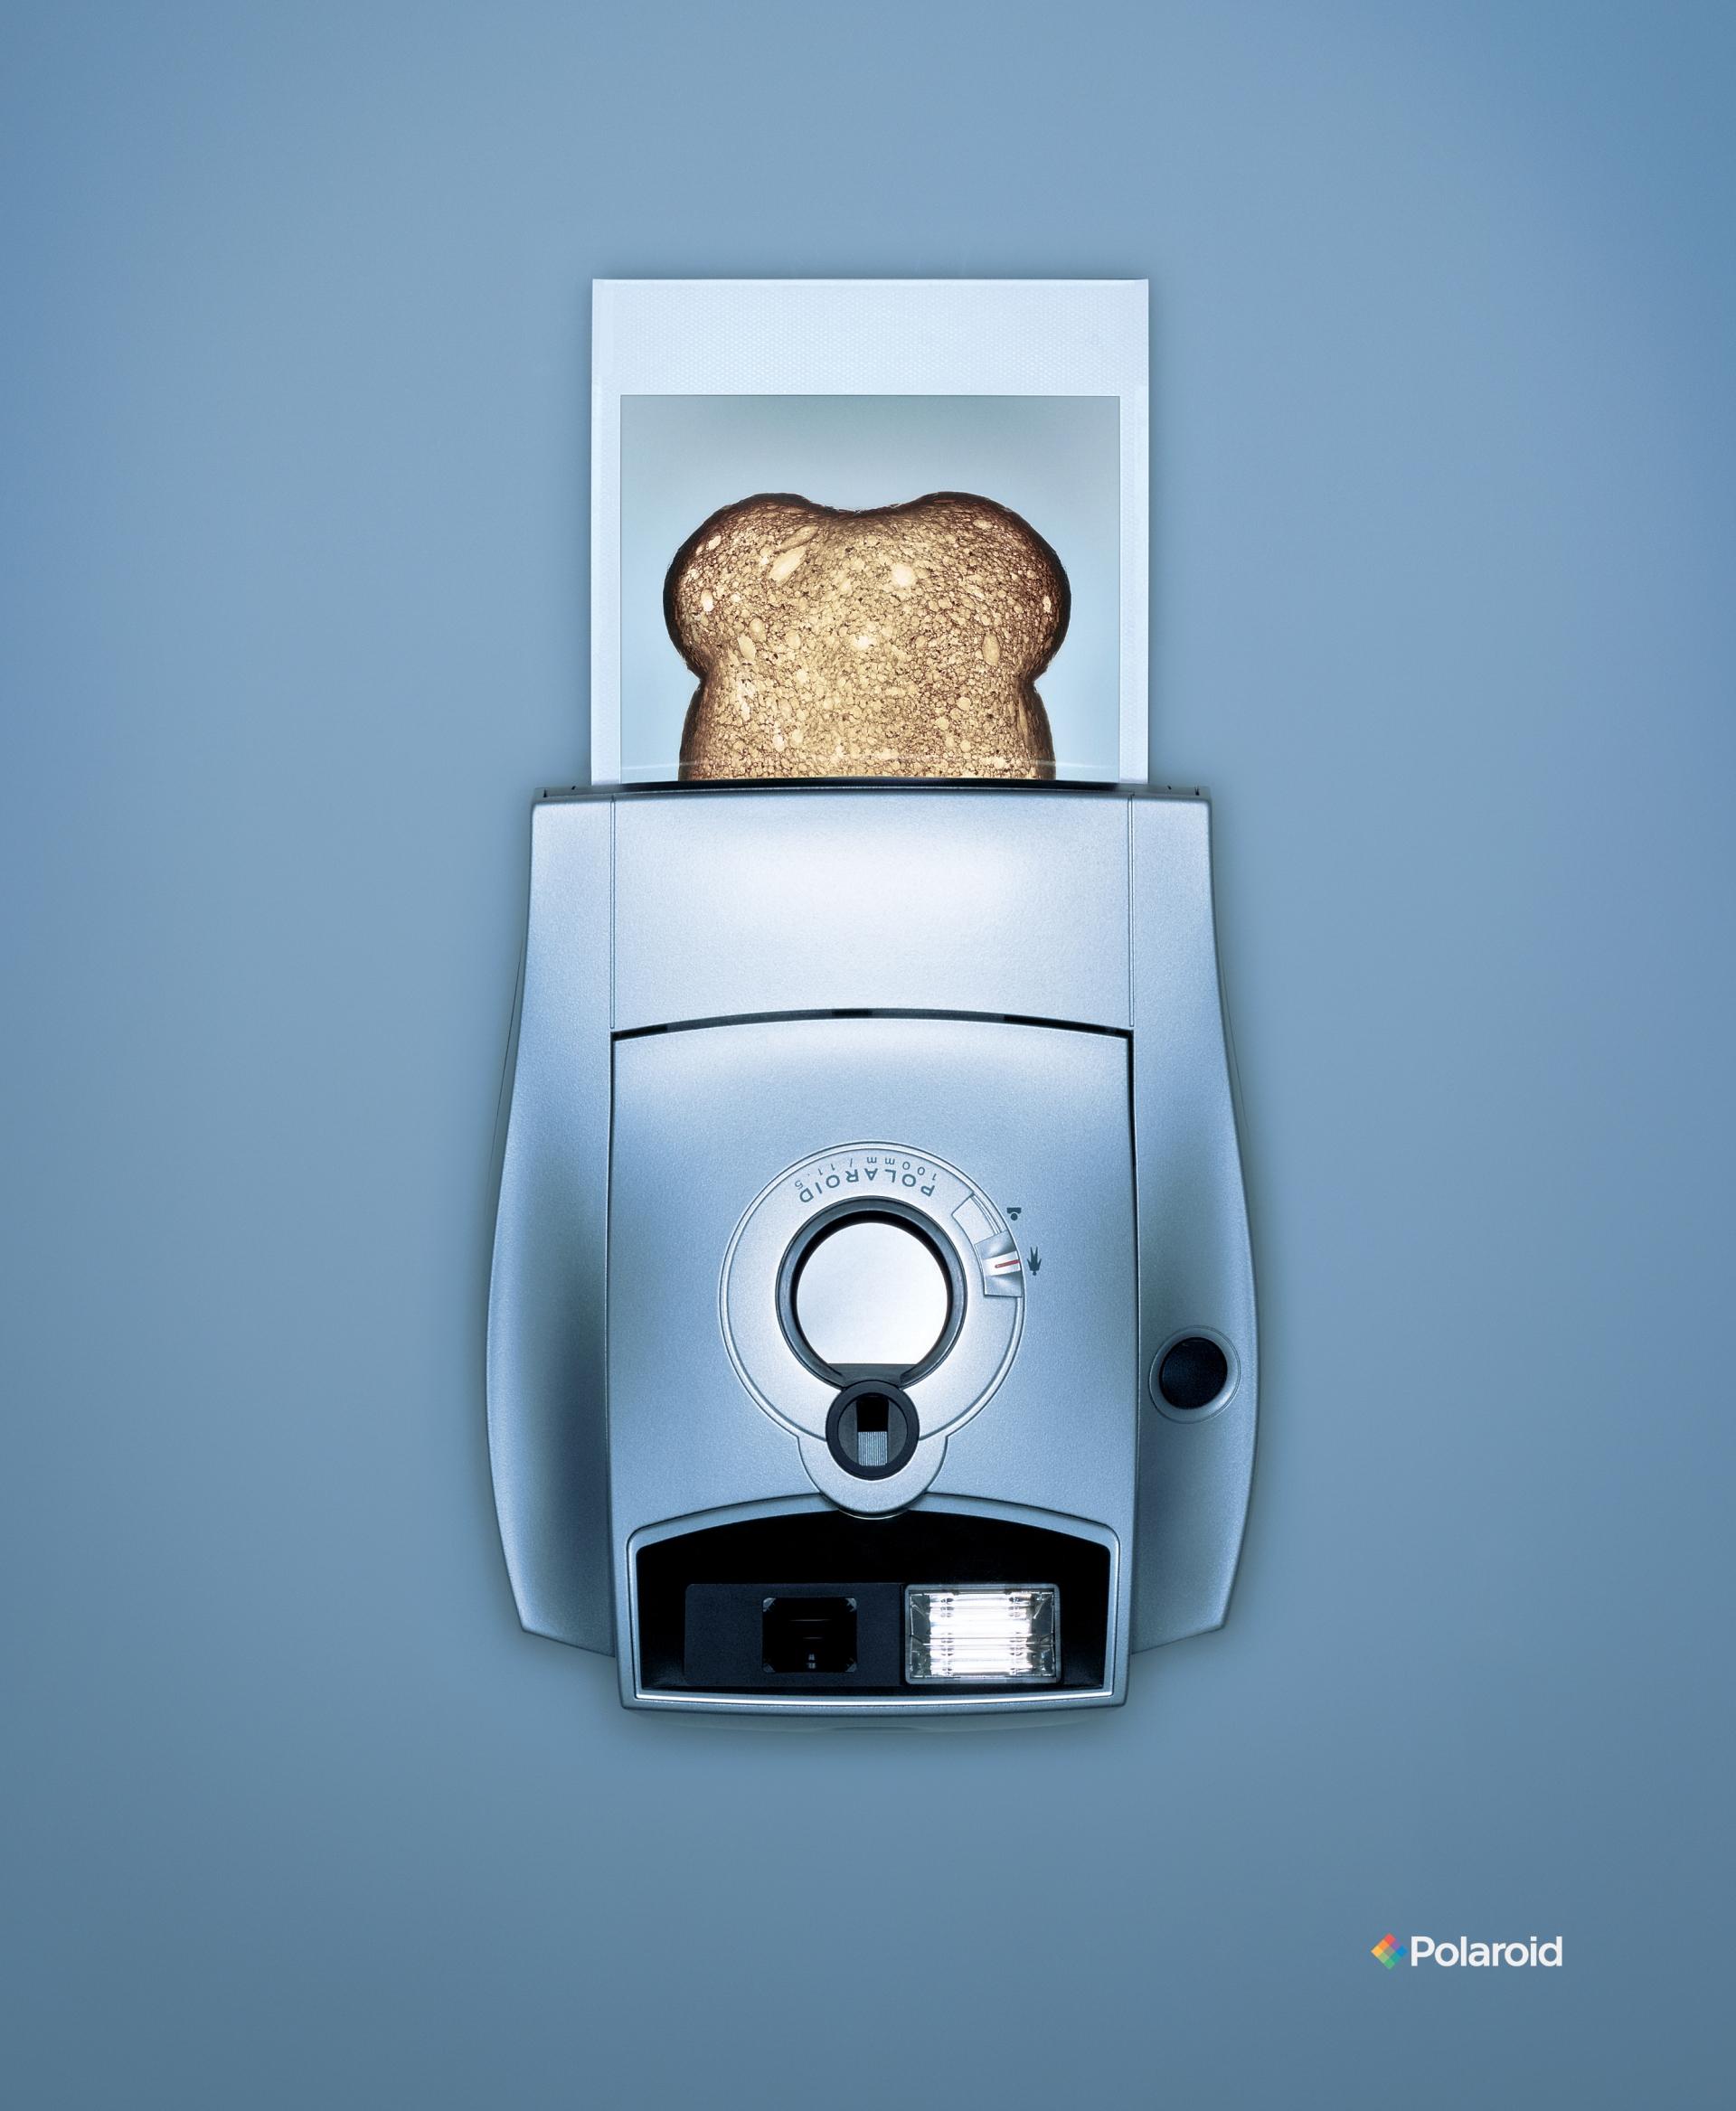 polaroid_toast